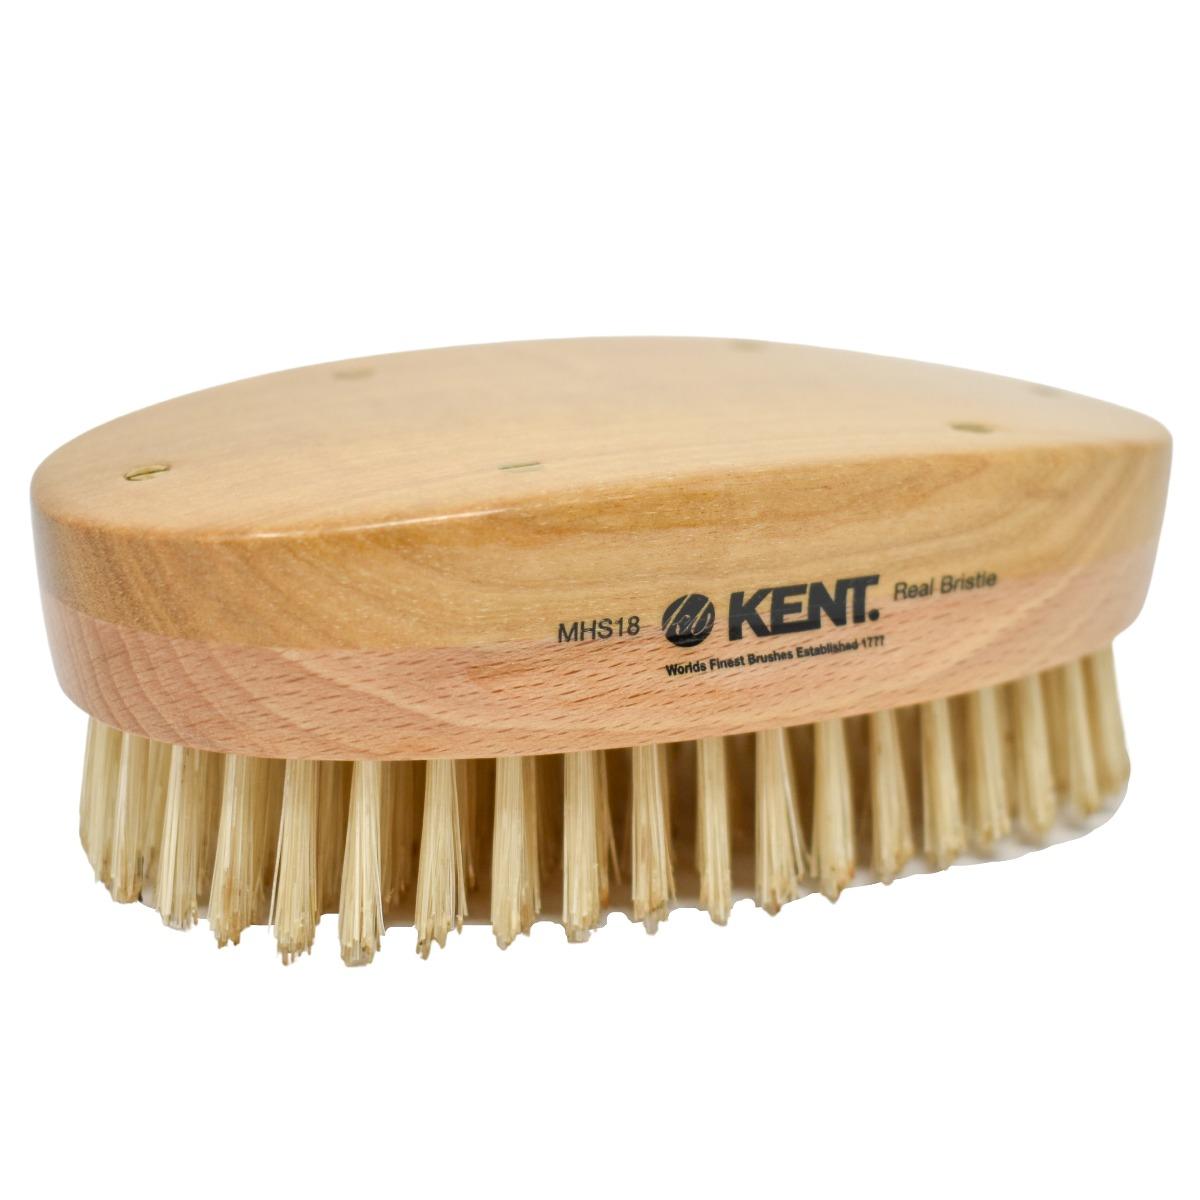 GB Kent Handmade Pure Bristle Hairbrush